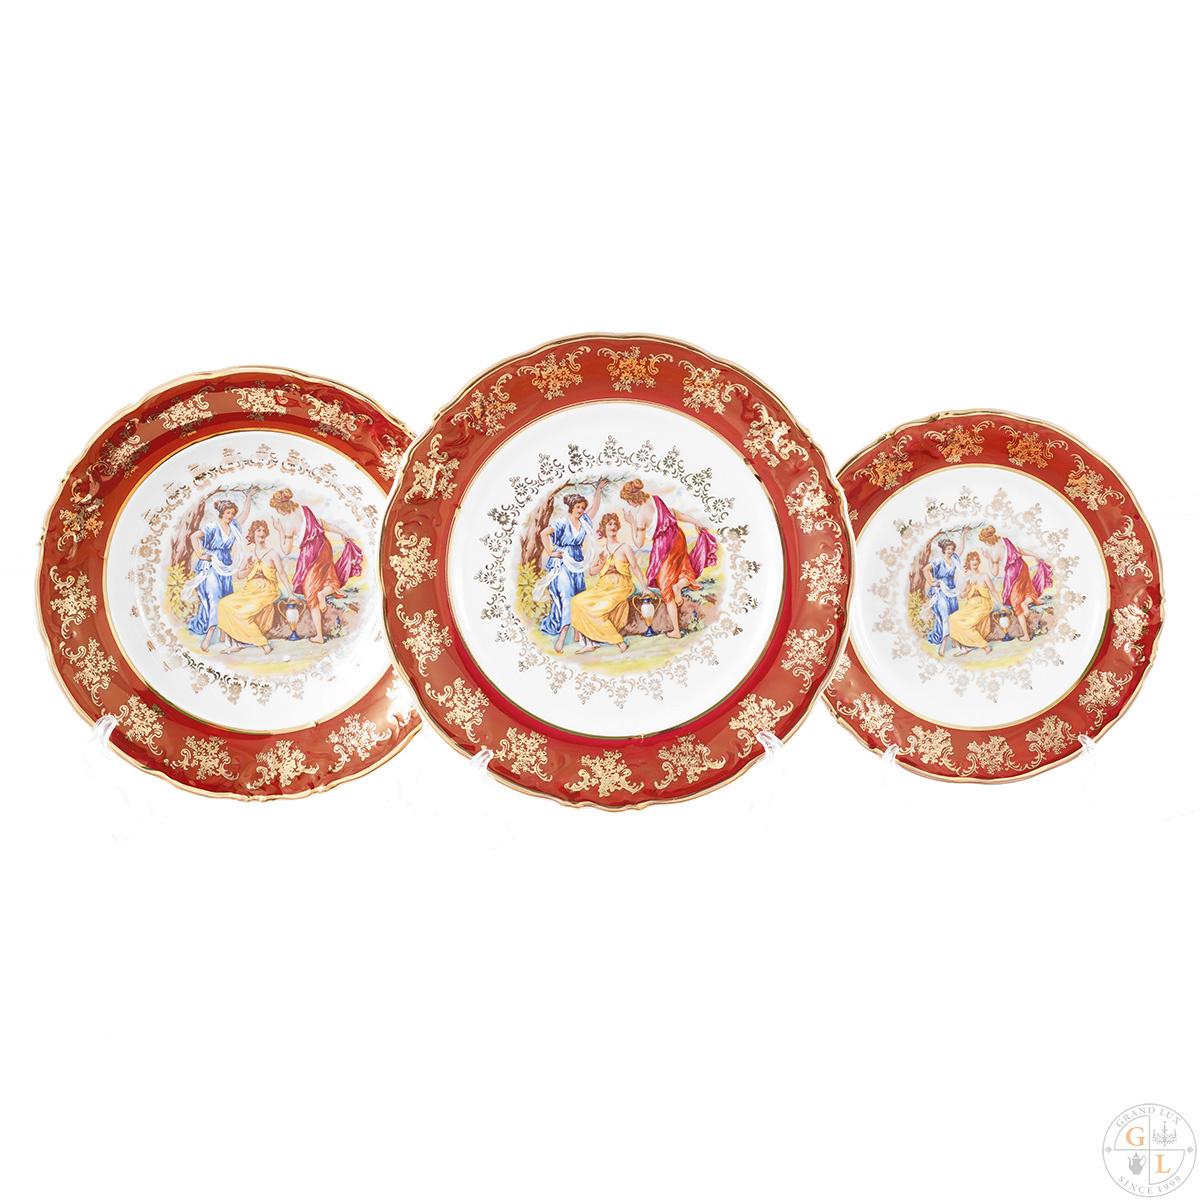 Набор тарелок ФРЕДЕРИКА МАДОННА, КРАСНАЯ расцветка от Carlsbad, 18 предметов